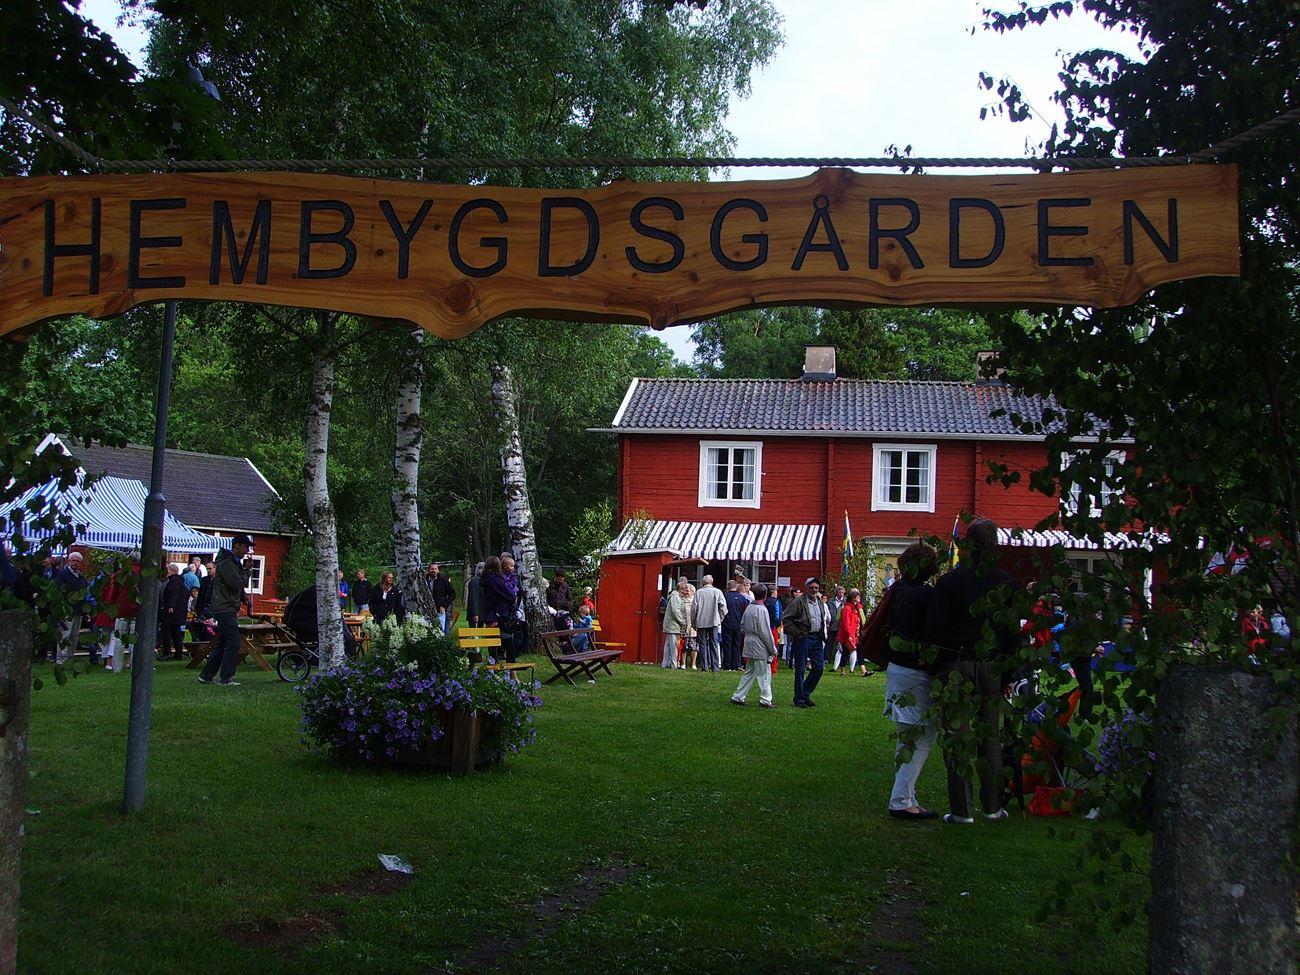 © Skede Hembygdsgård, Hembygdsgården